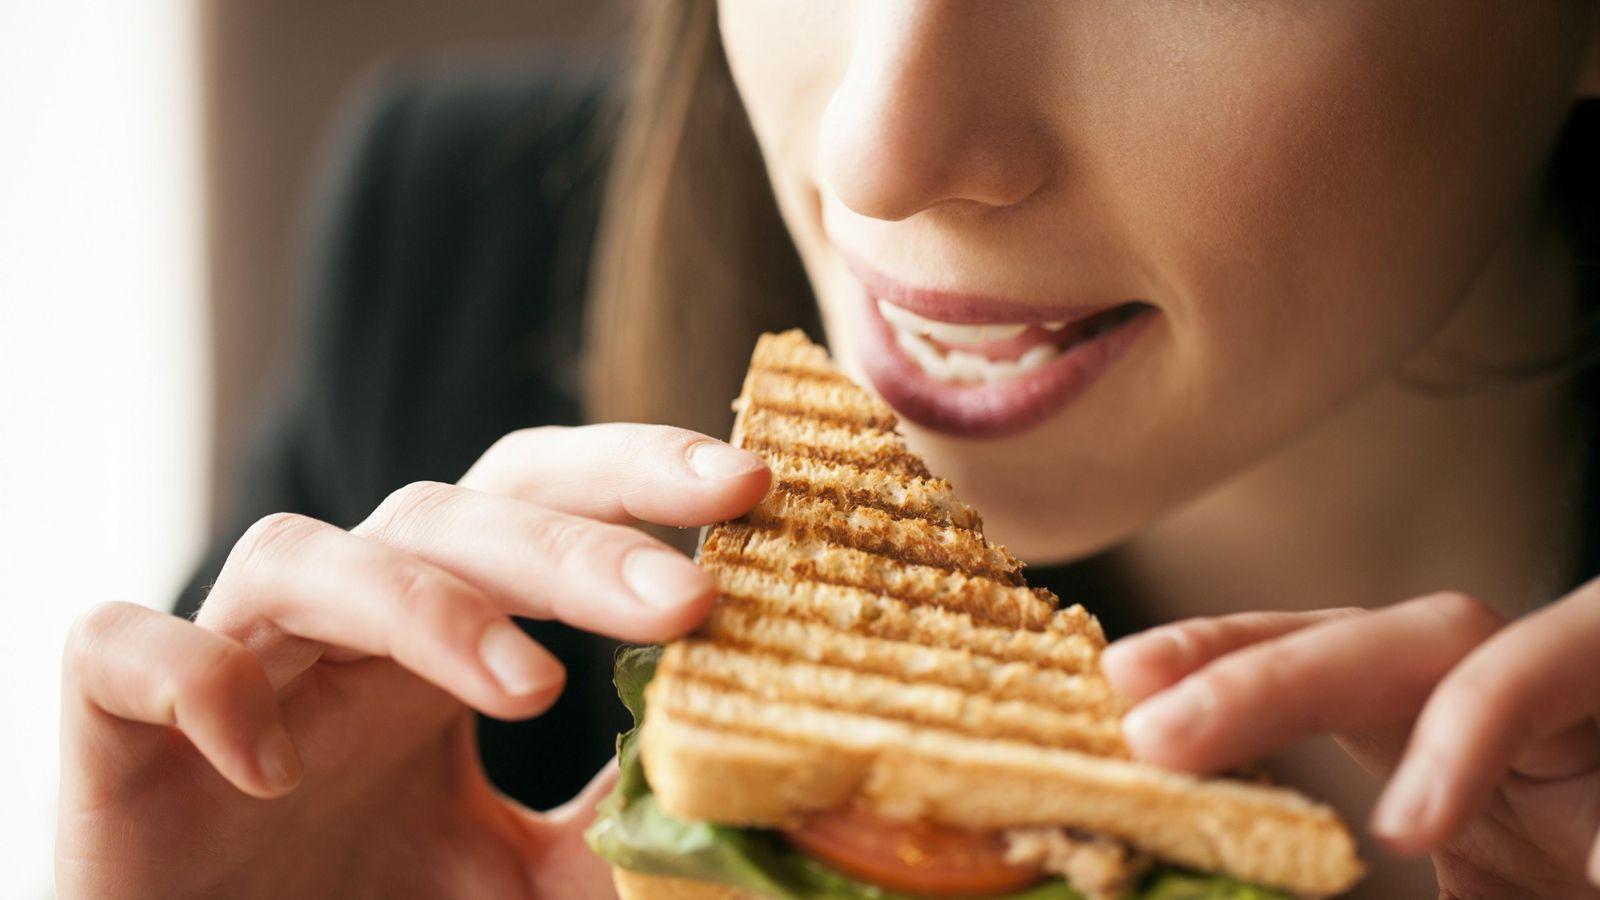 Foto: Contar calorías es una forma de adelgazar que hay que controlar ya que el cuerpo necesita recibir energía a diario (Corbis)